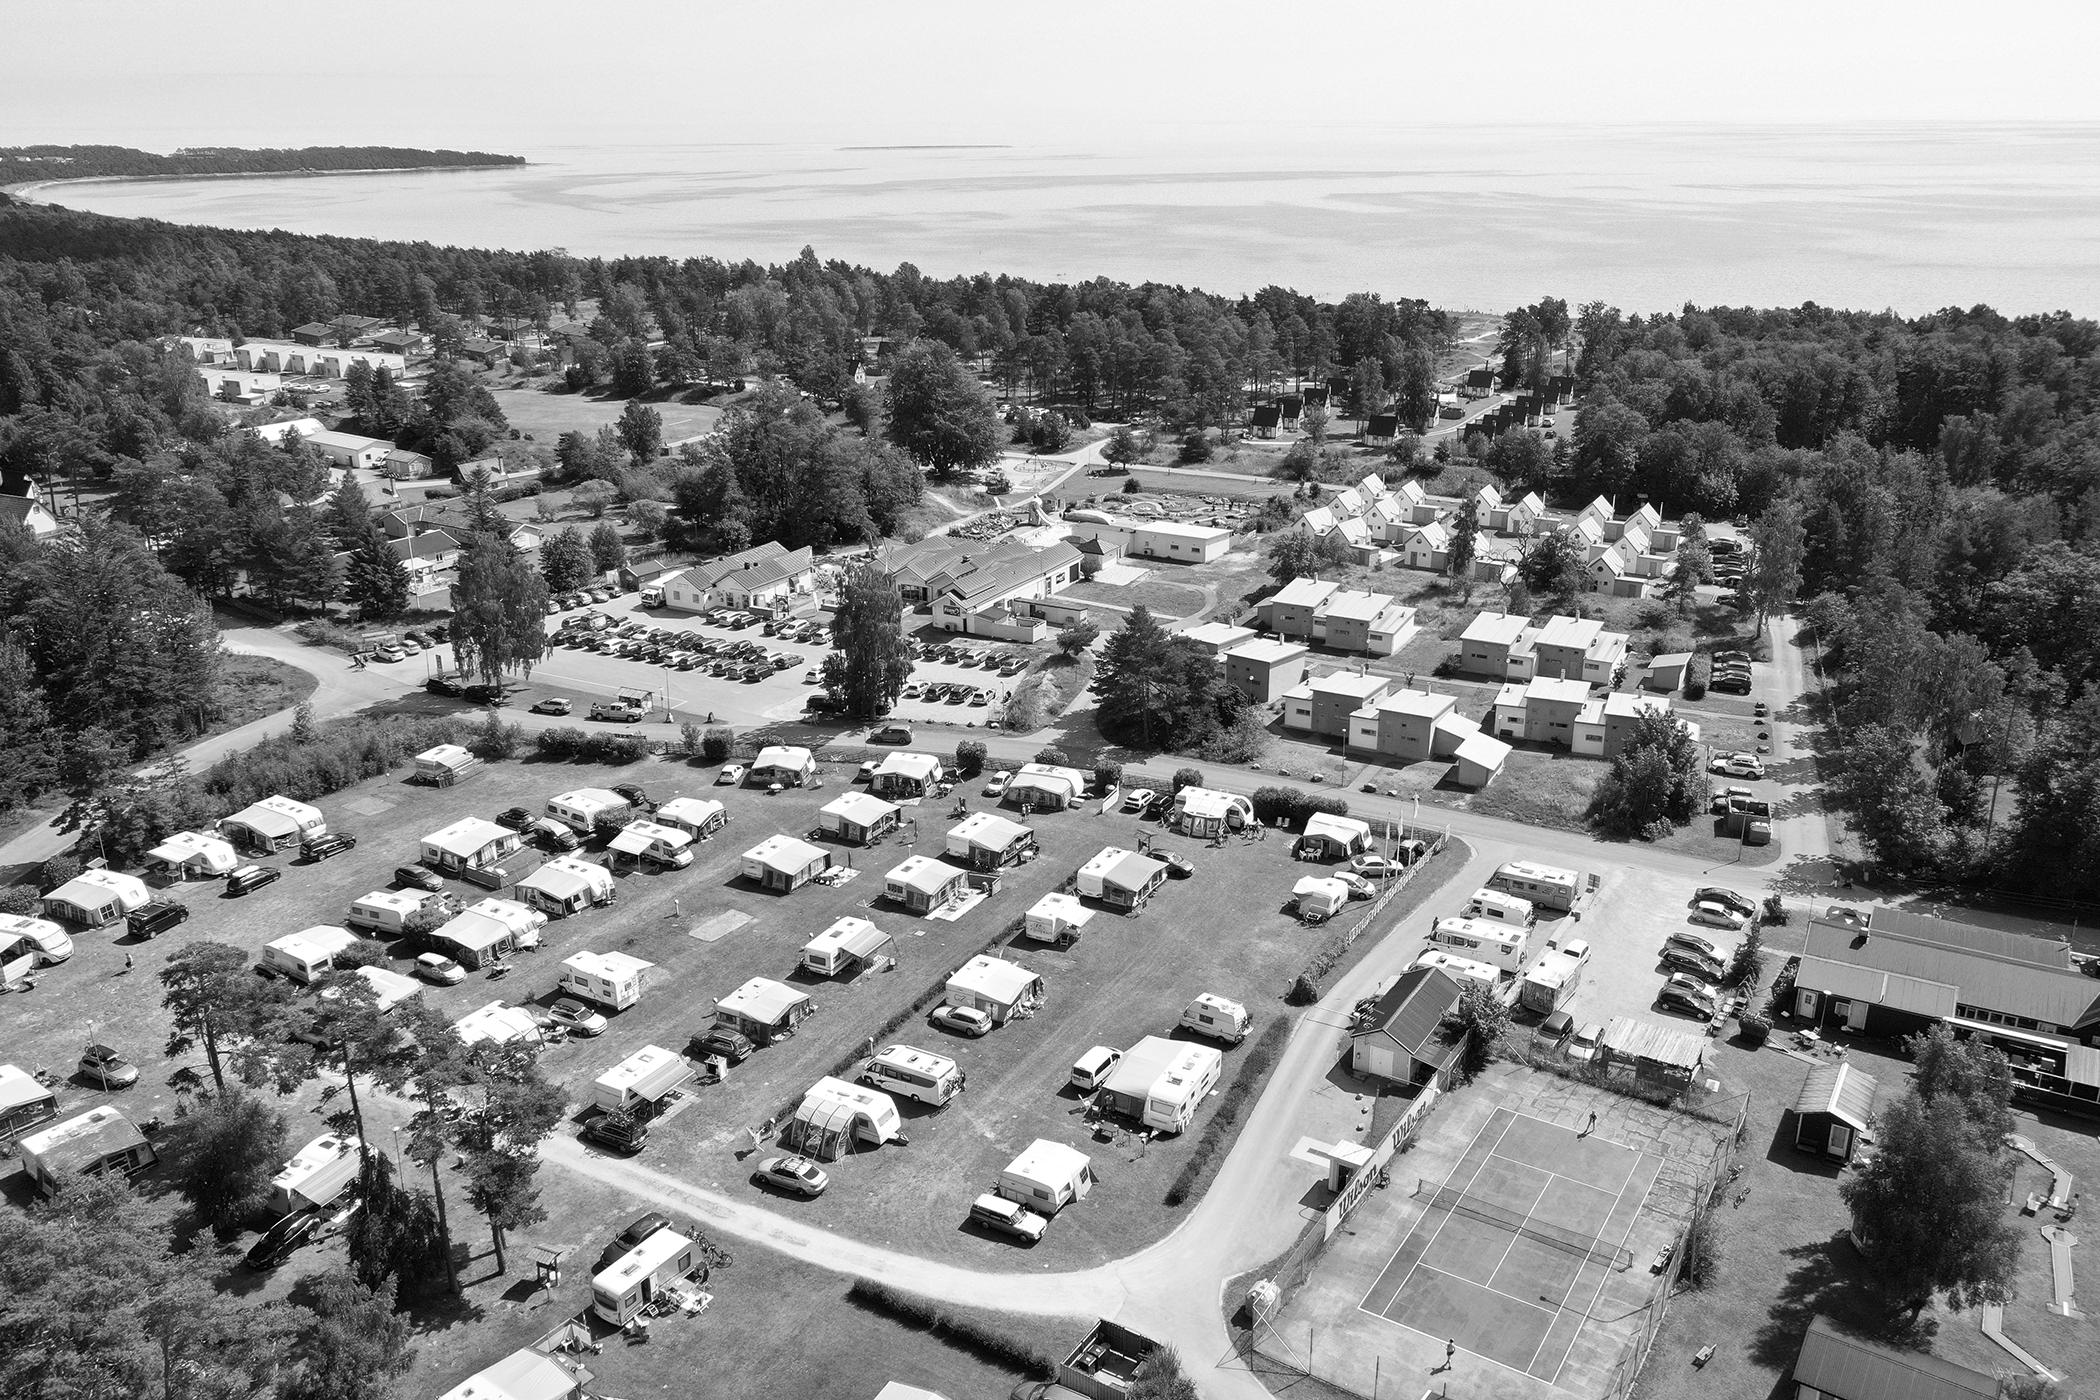 Strandskogens Camping Gotland Fårö